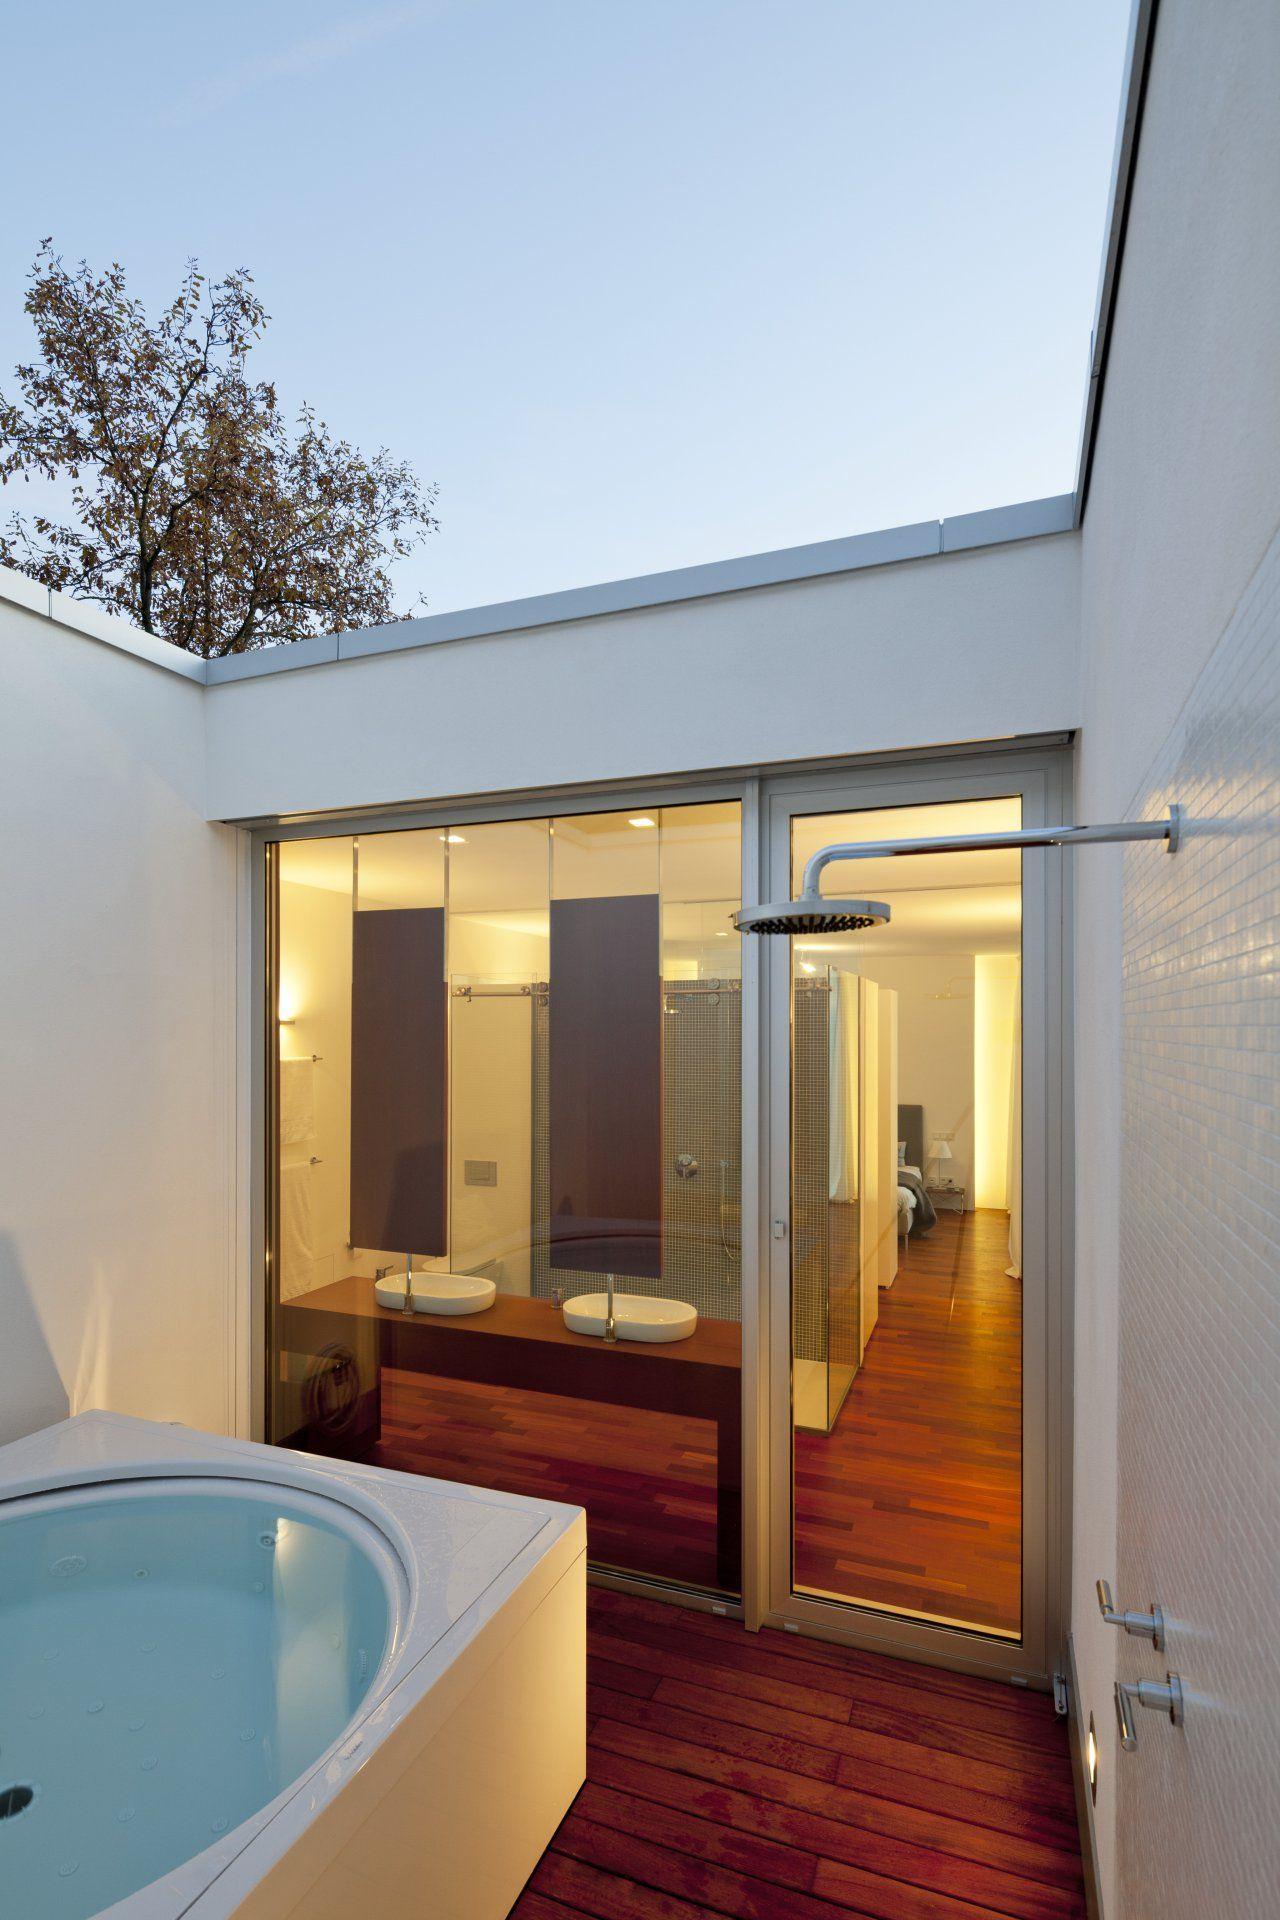 mtb-badmöbel - badmöbel, waschtische, badausstattung | bad ideen, Badezimmer ideen